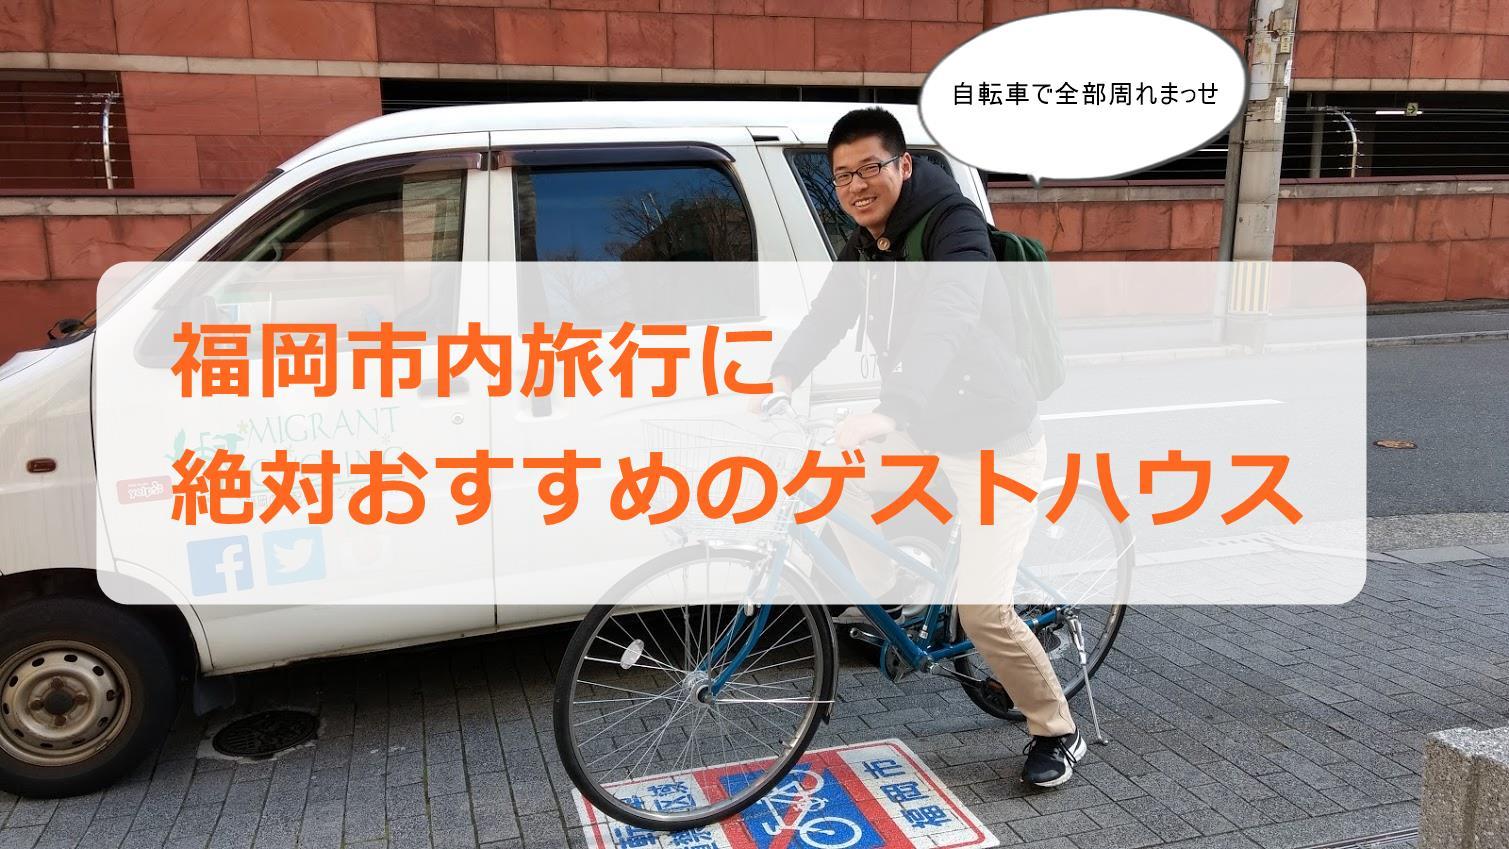 福岡在住ブロガーがおすすめする福岡のゲストハウス ベスト5